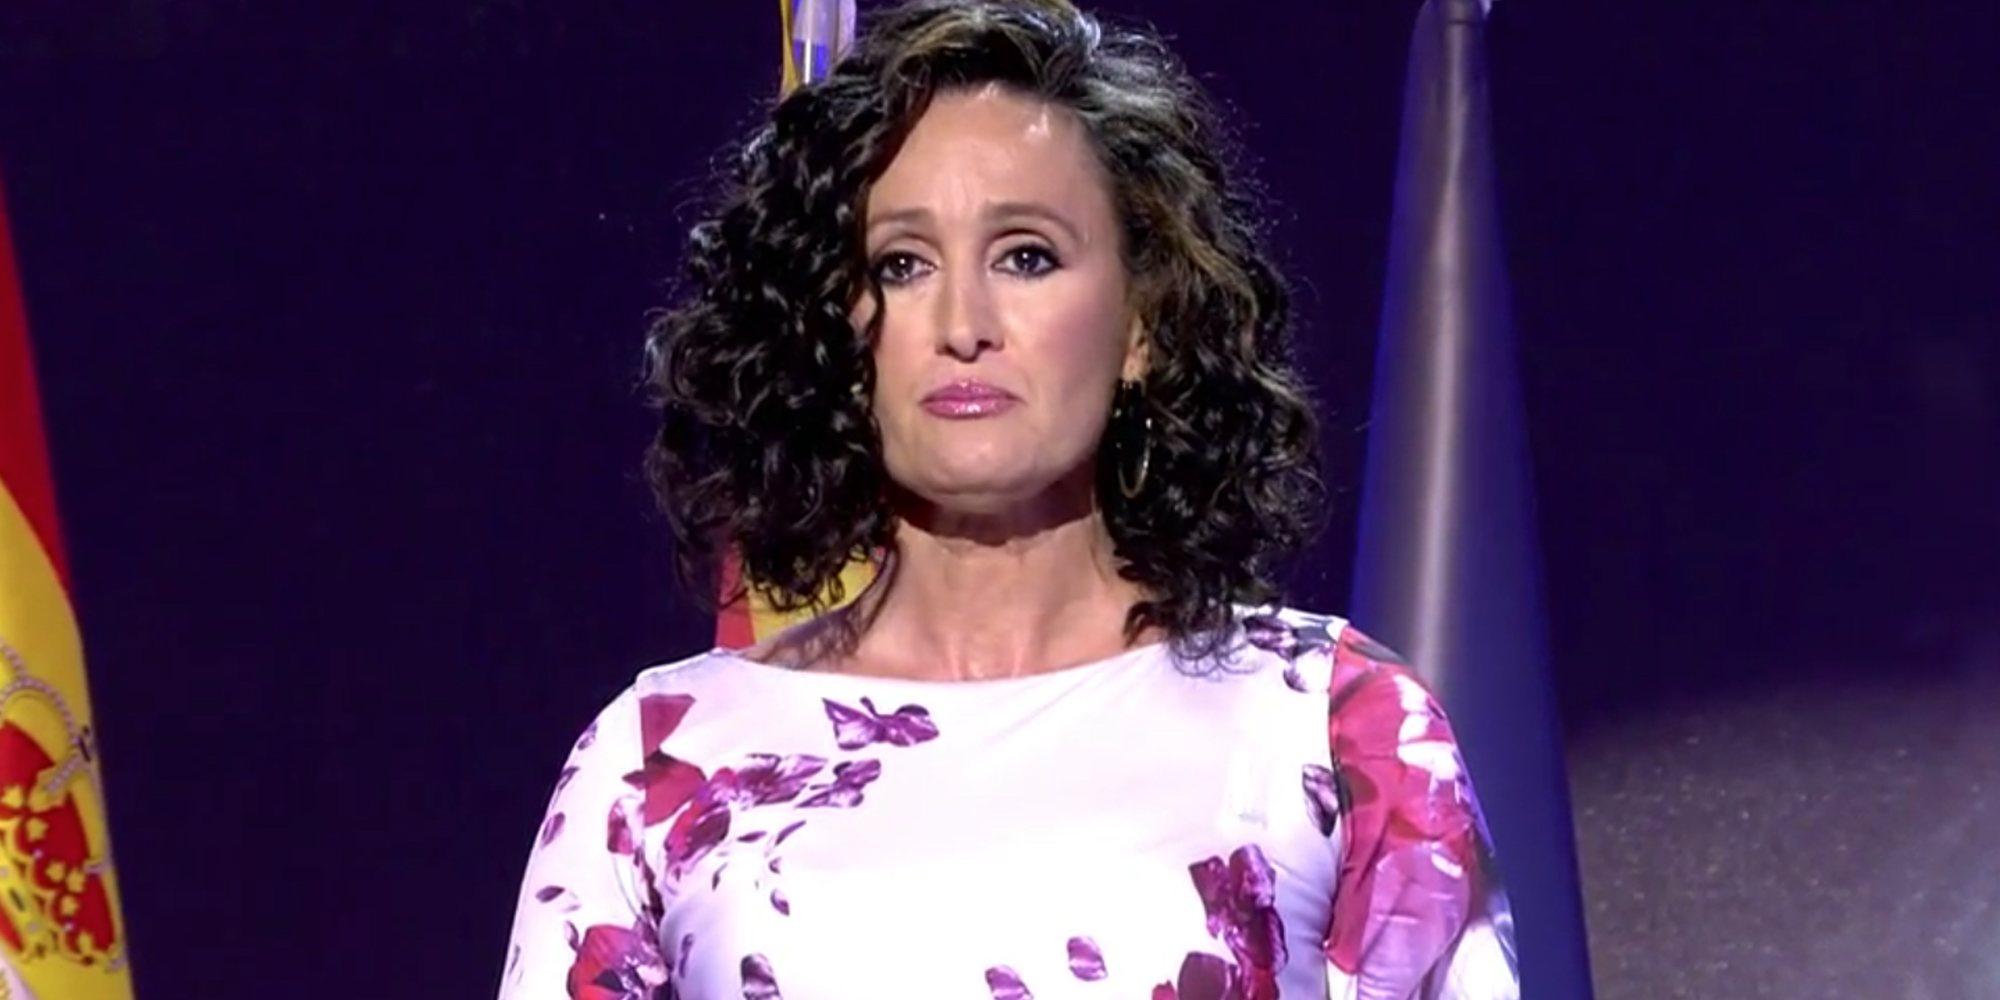 """Dulce cuenta en 'Sábado Deluxe' todo lo que pasó tras la llamada de Isabel Pantoja: """"Me llamó 'hija de puta'"""""""